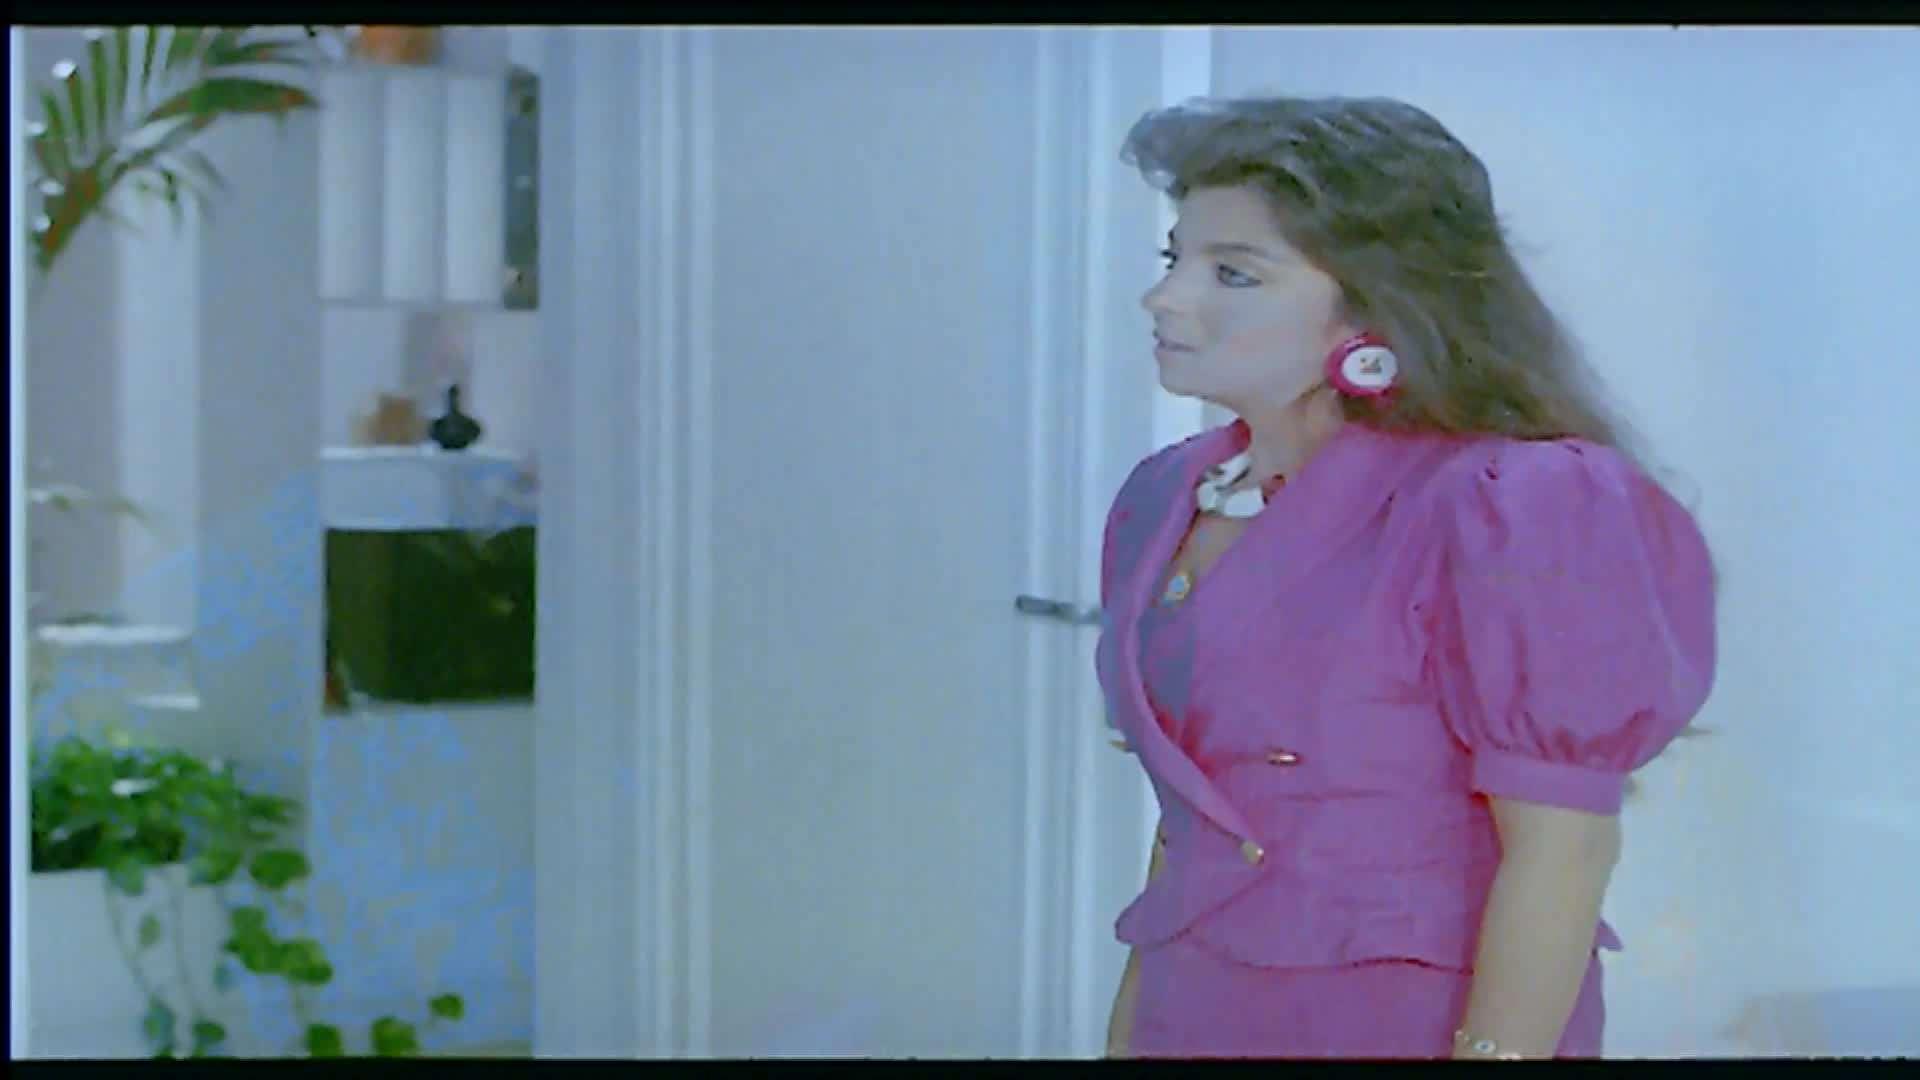 [فيلم][تورنت][تحميل][حنفي الأبهة][1990][1080p][Web-DL] 4 arabp2p.com